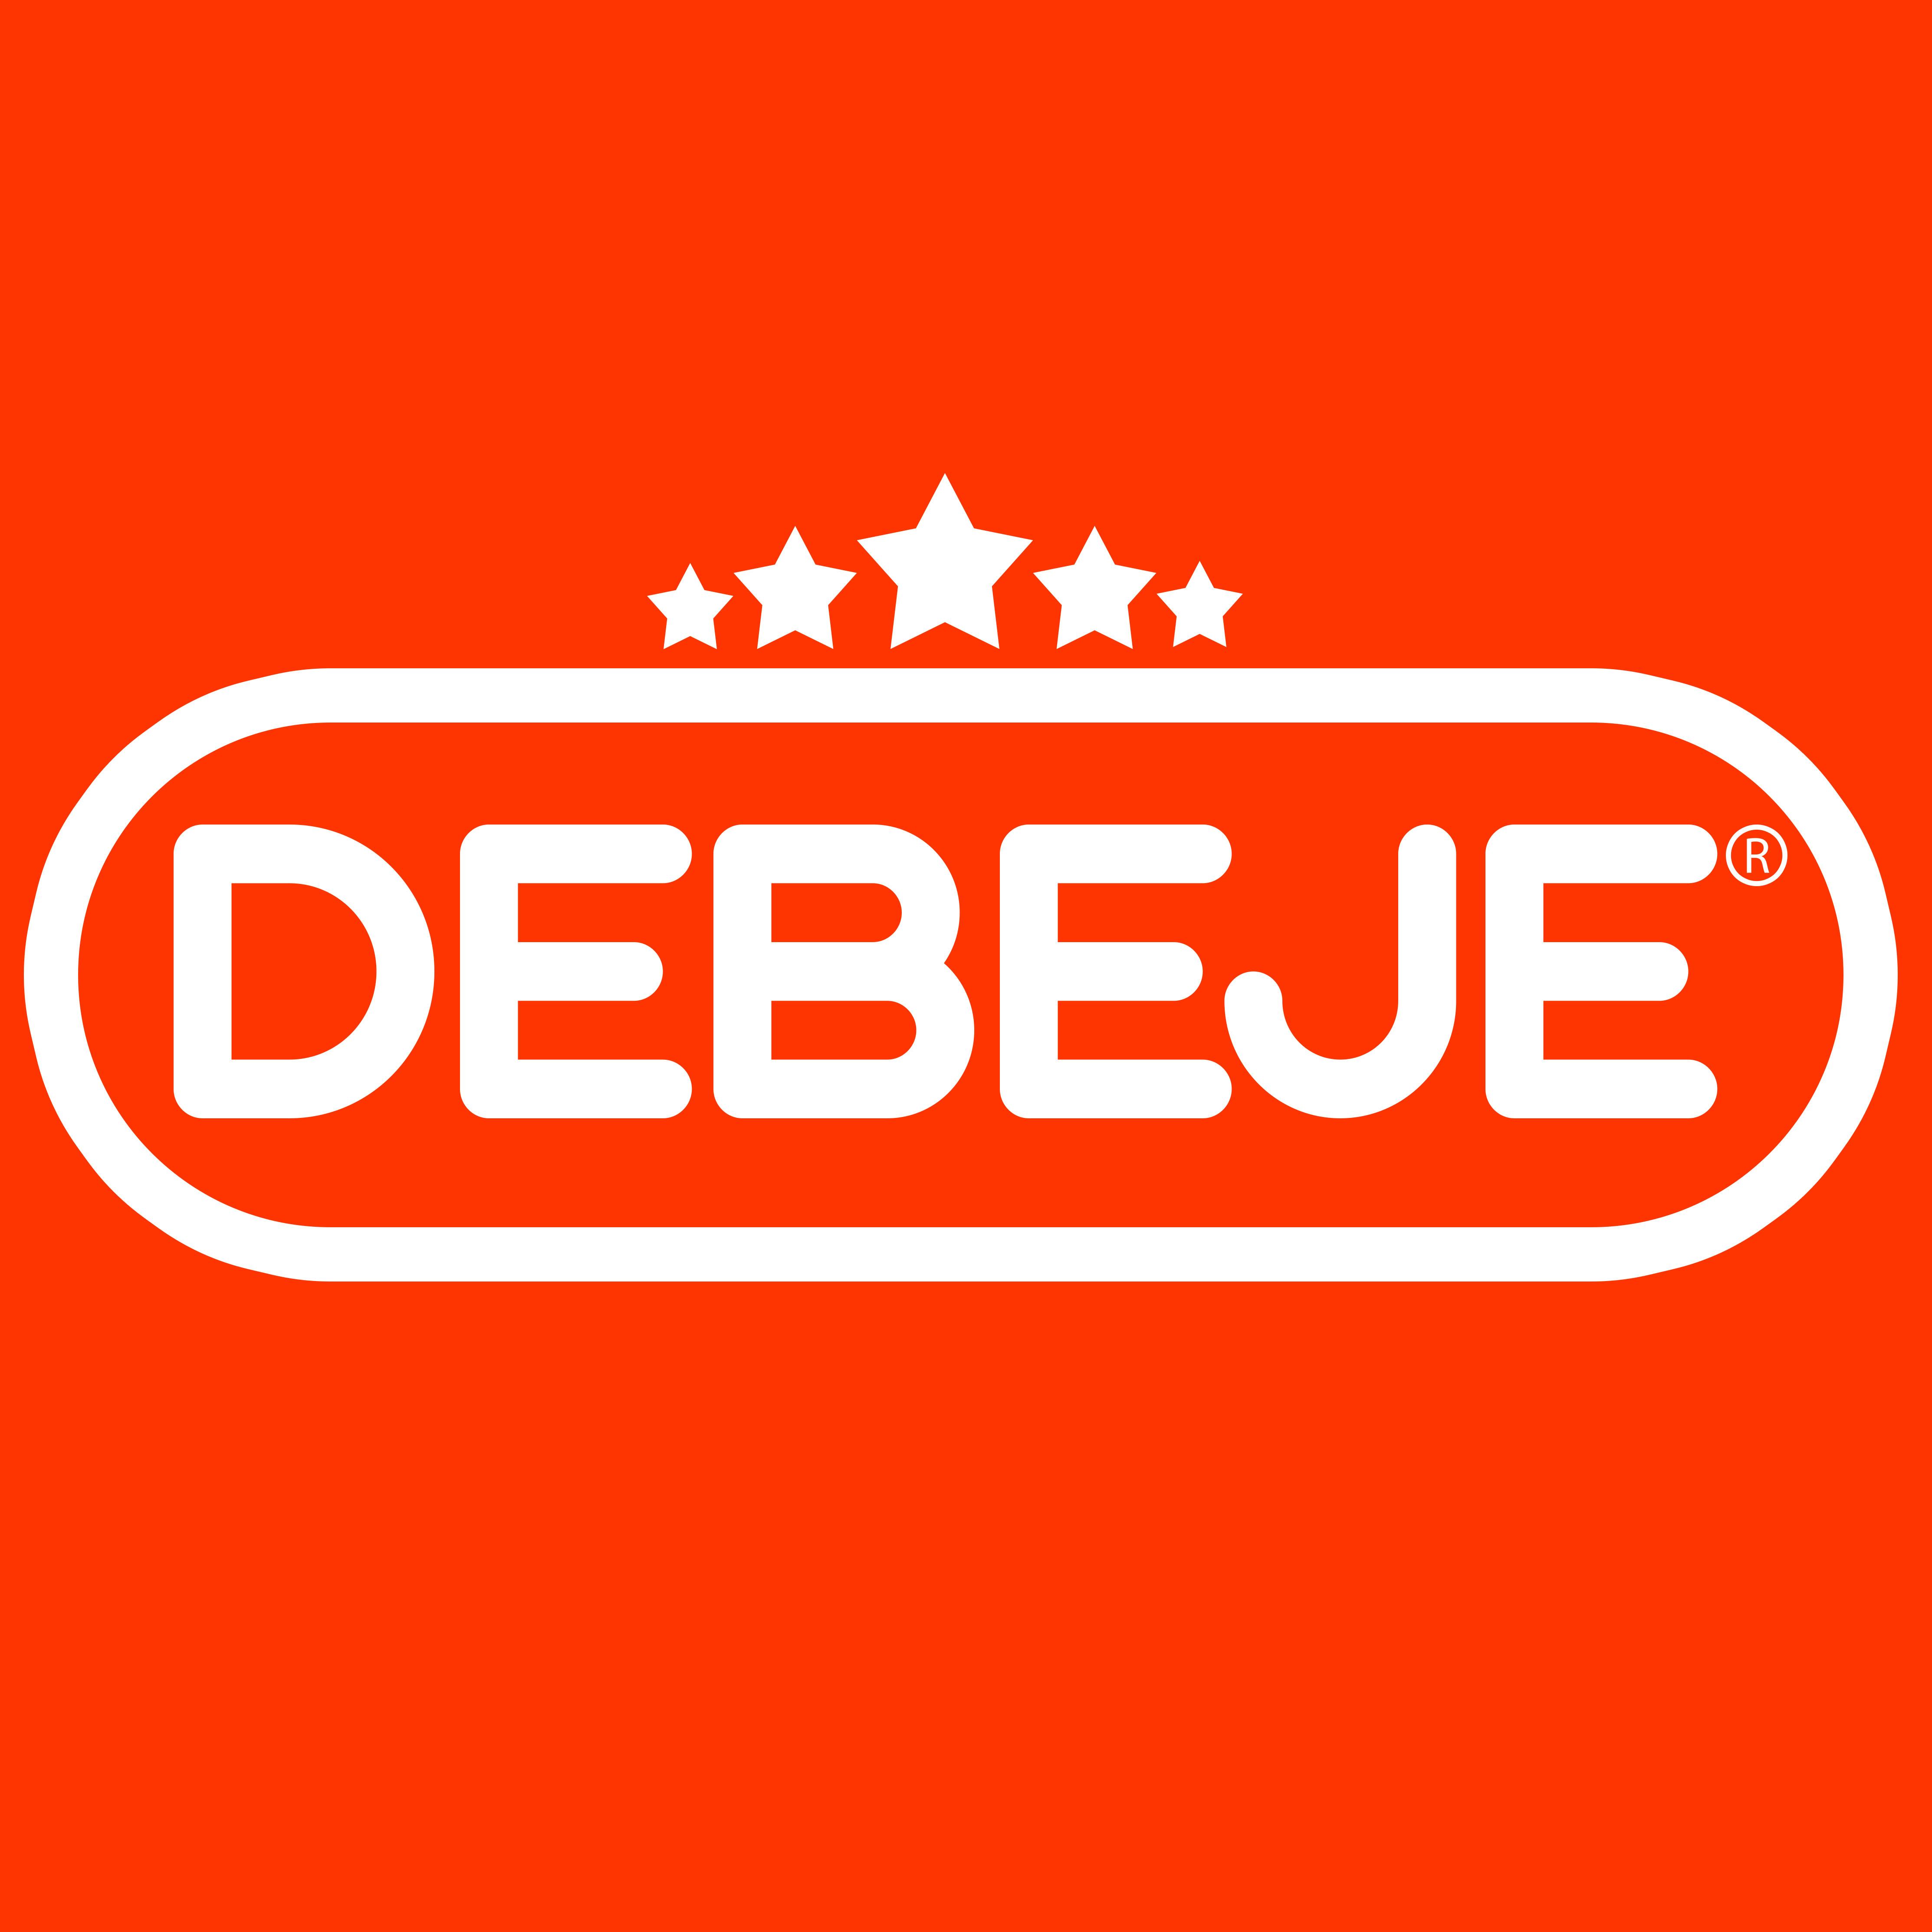 DEBEJE